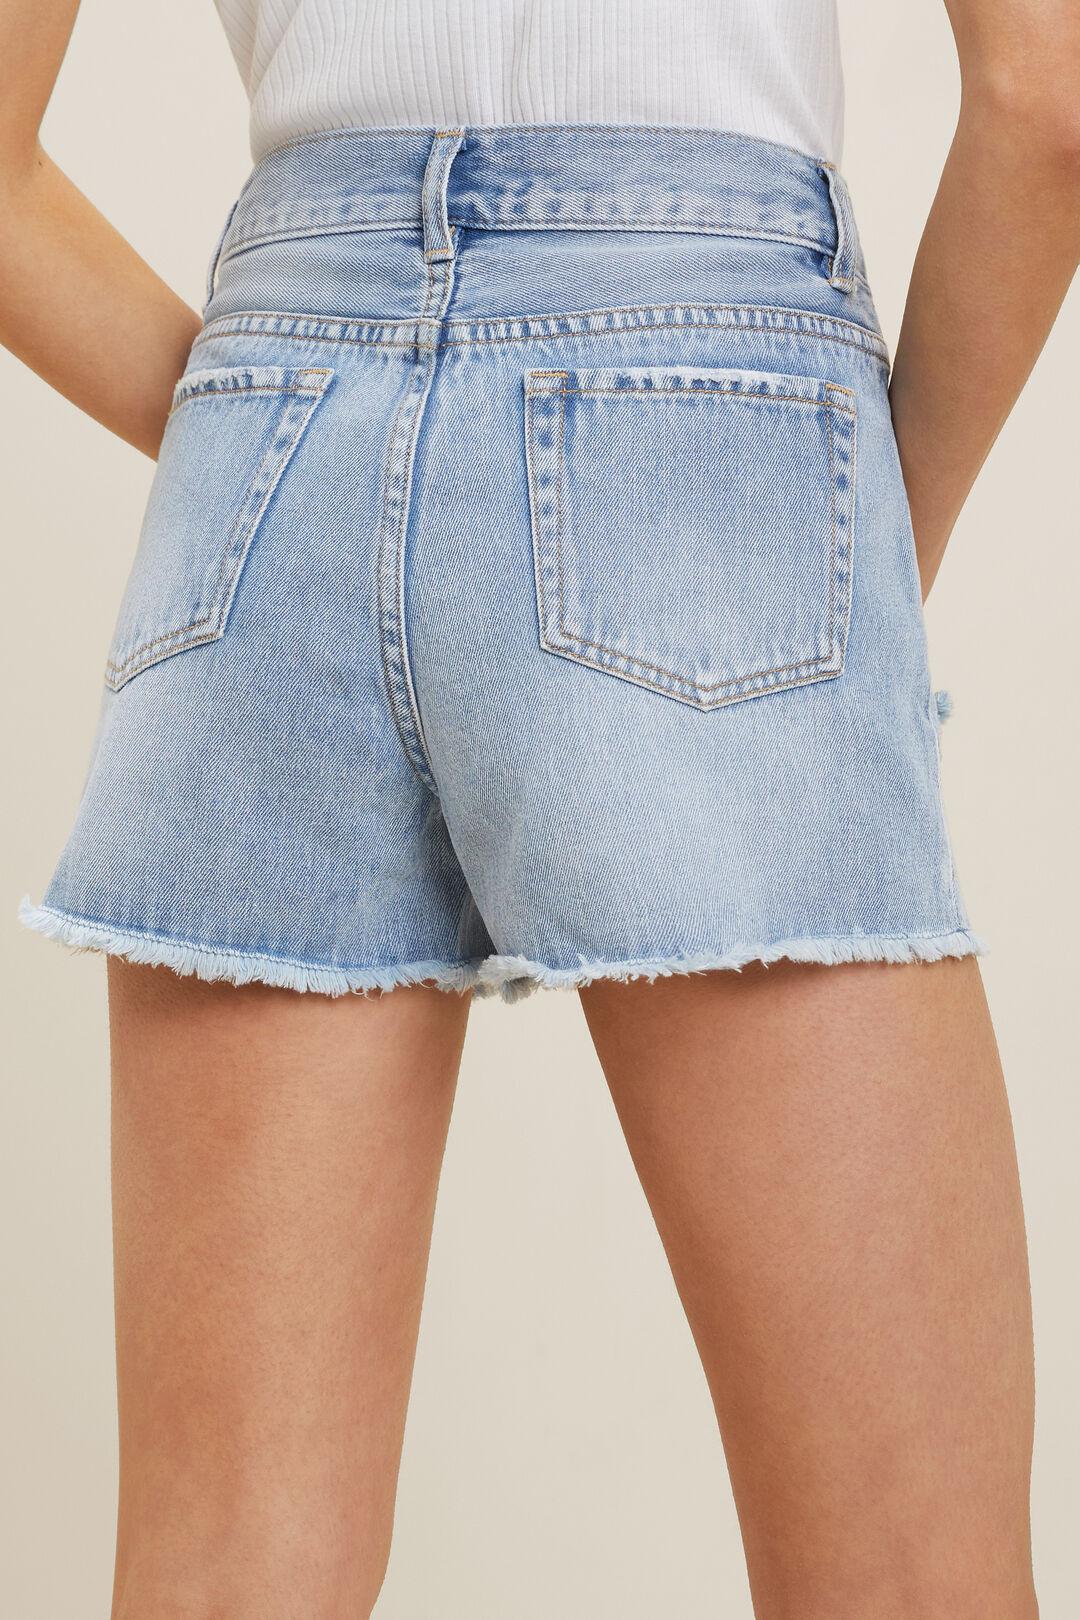 Cut Off Denim Shorts  LIGHT WASH  hi-res